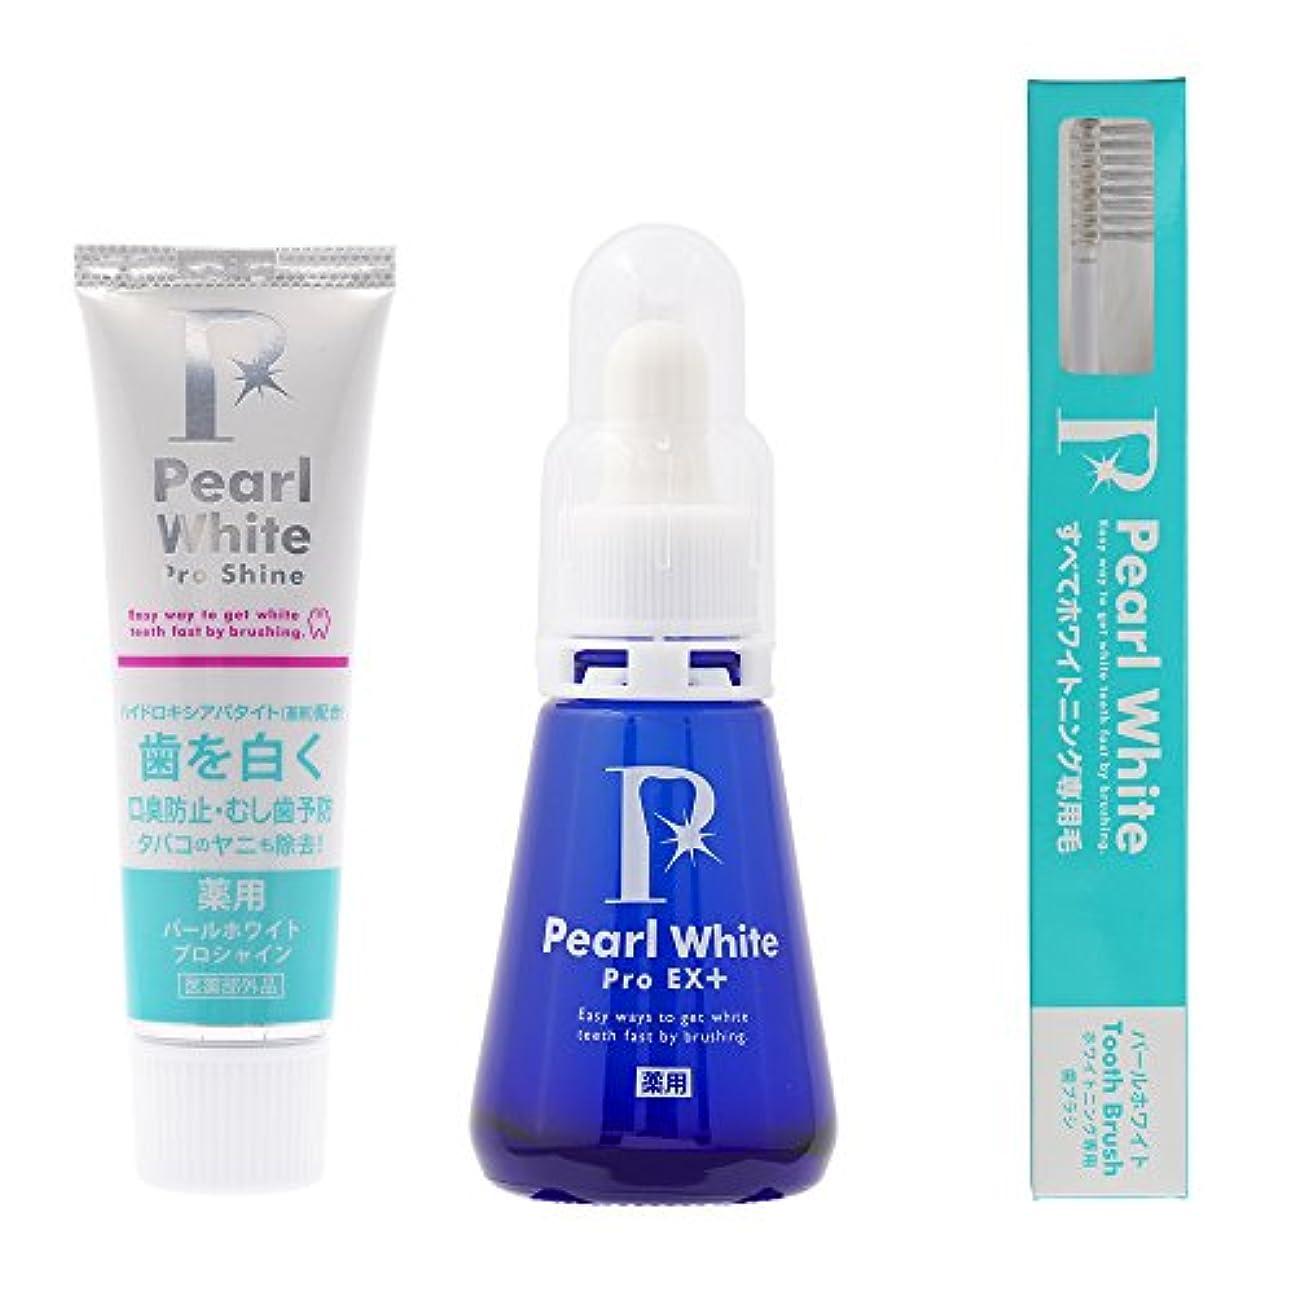 追うこしょう病なPearl White 薬用パール ホワイト Pro EXプラス1本+ シャイン40g+専用歯ブラシ 限定セット ホワイトニング